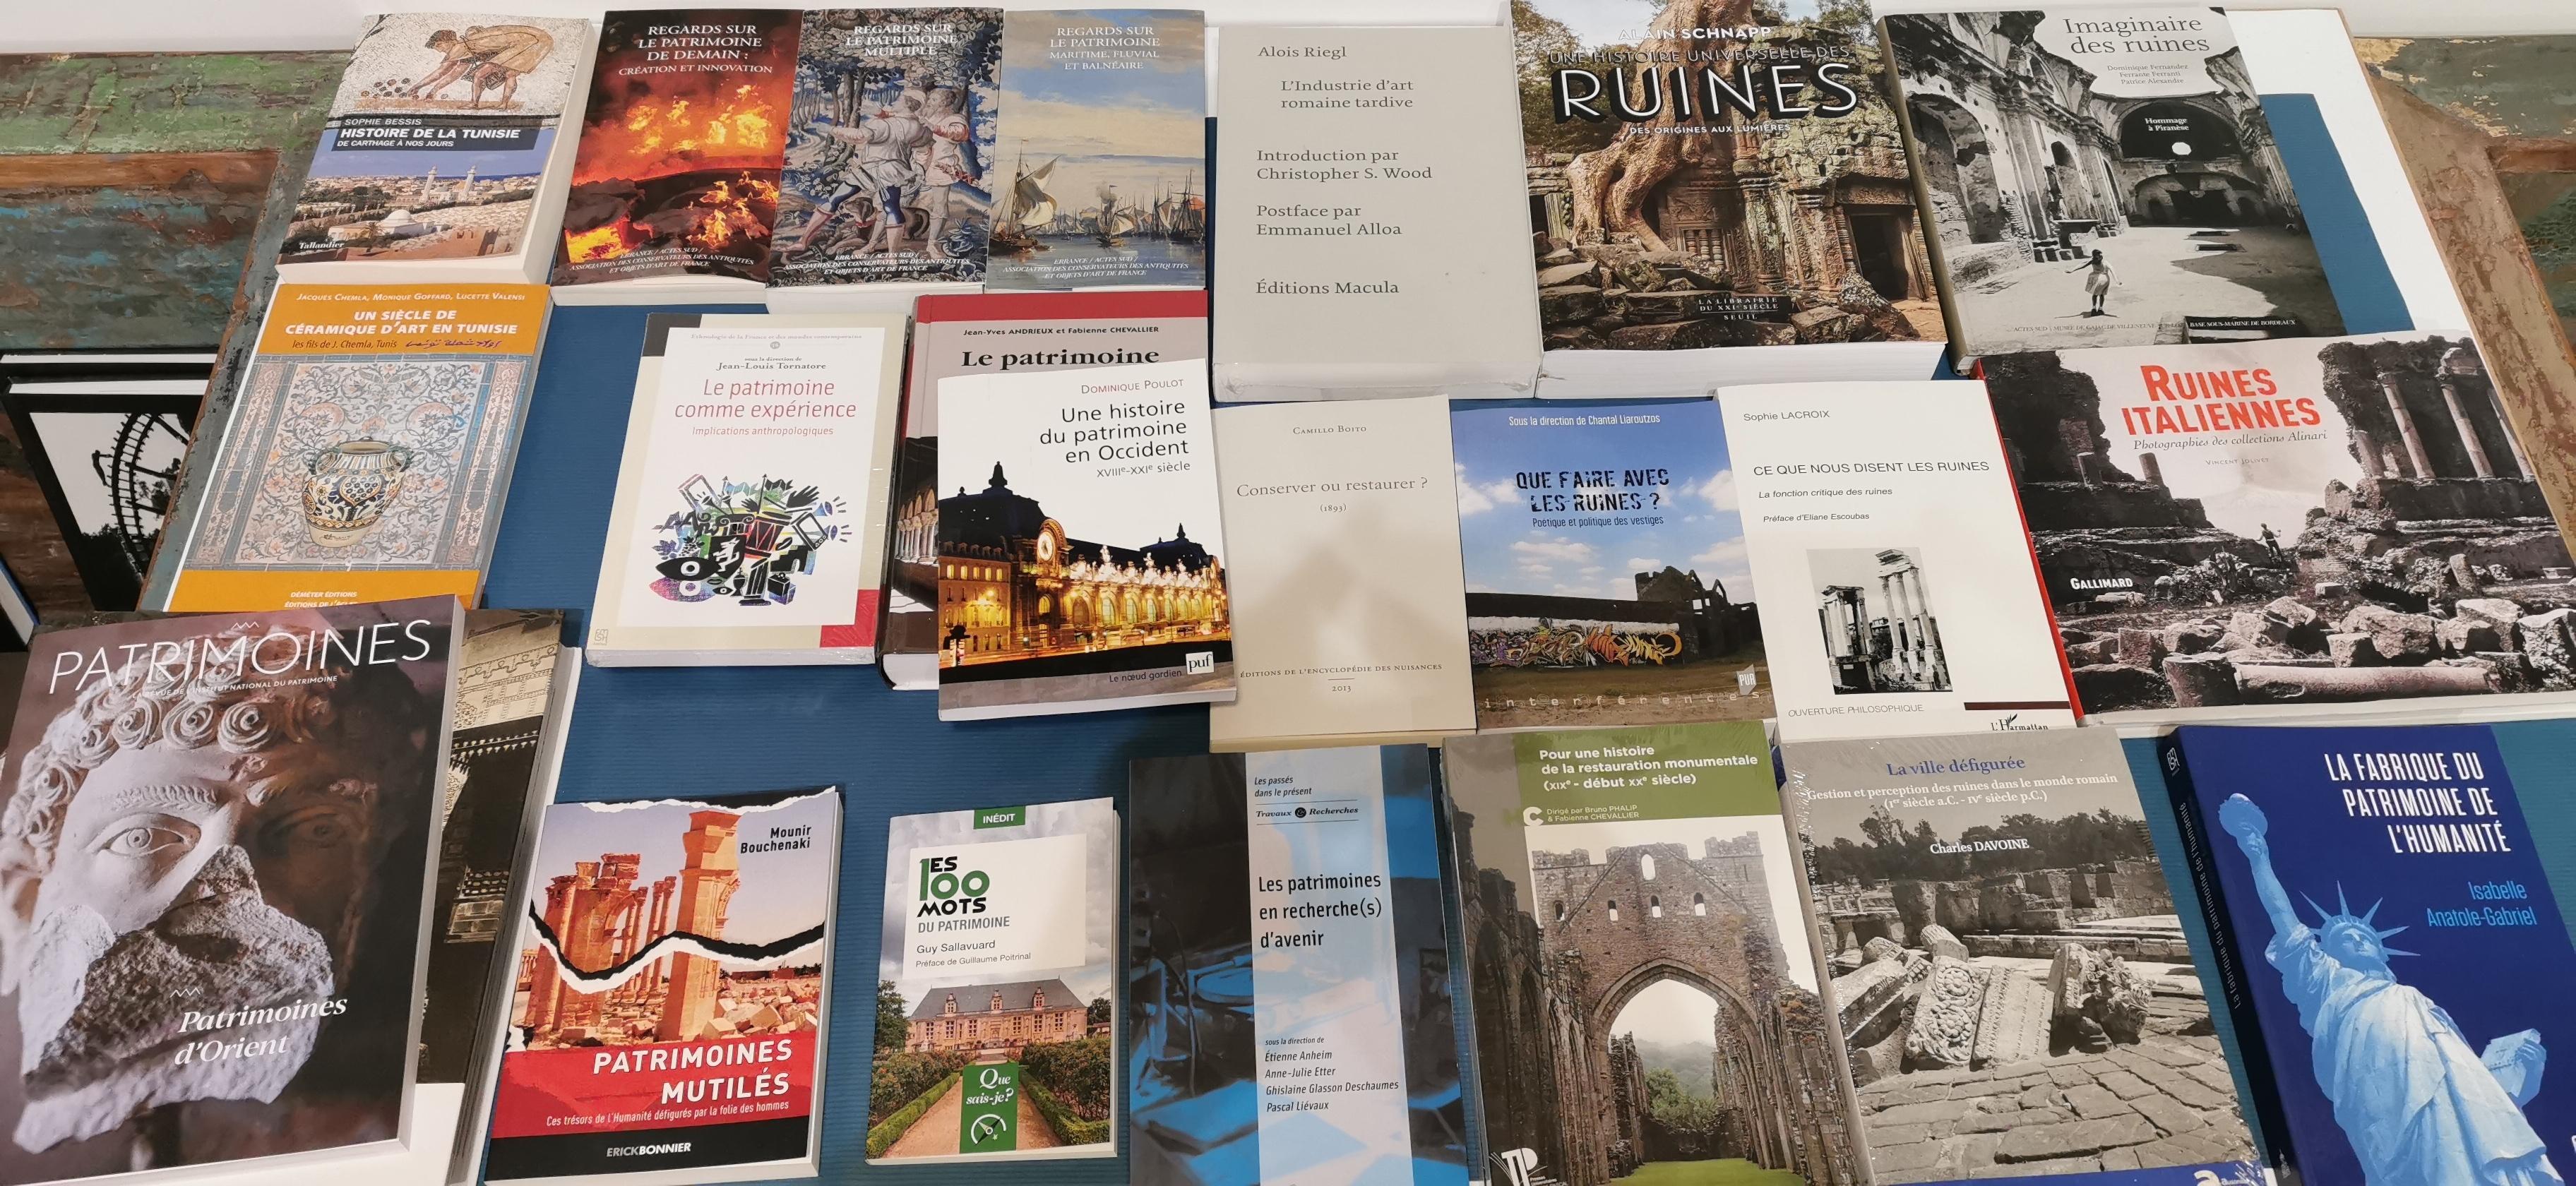 De natura rerum vous propose une librairie des patrimoines. Au delà de notre fonds sur Arles, sur l'archéologie et les monuments régionaux, nous proposons une sélection d'ouvrages.